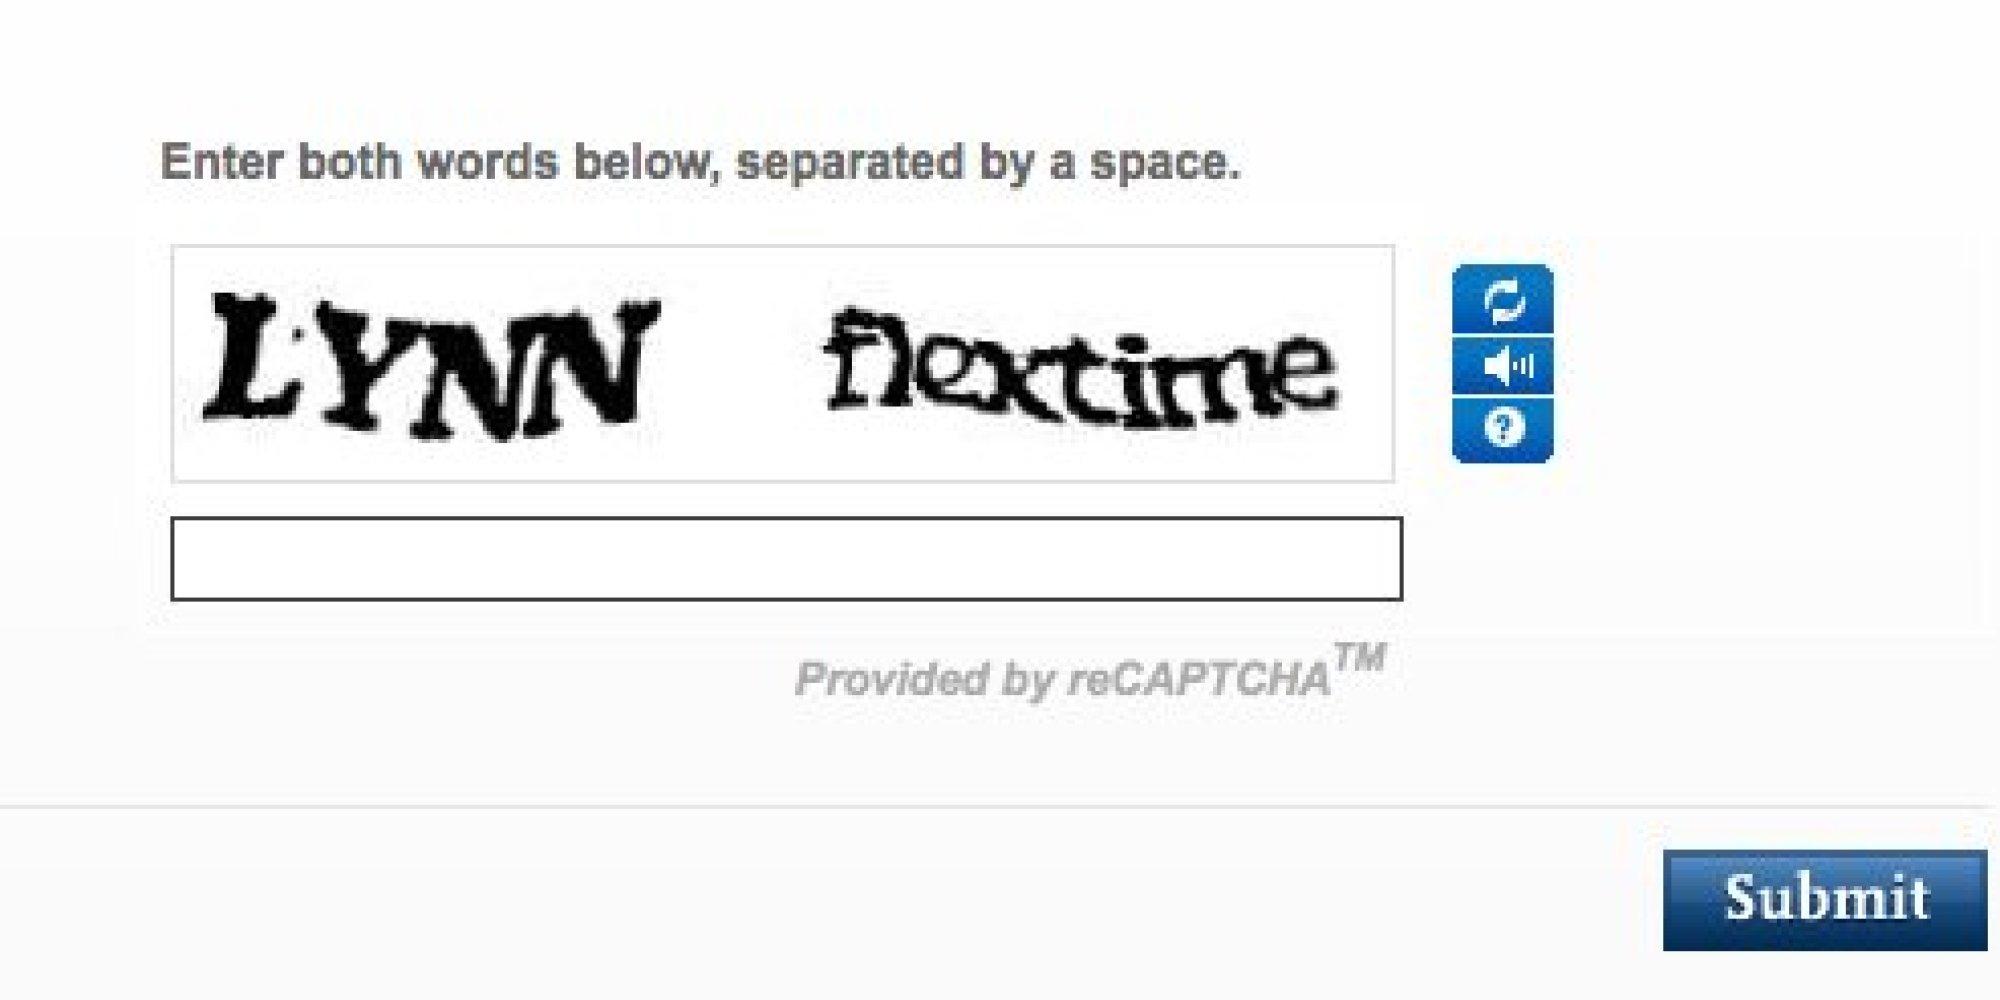 o-CAPTCHA-facebook